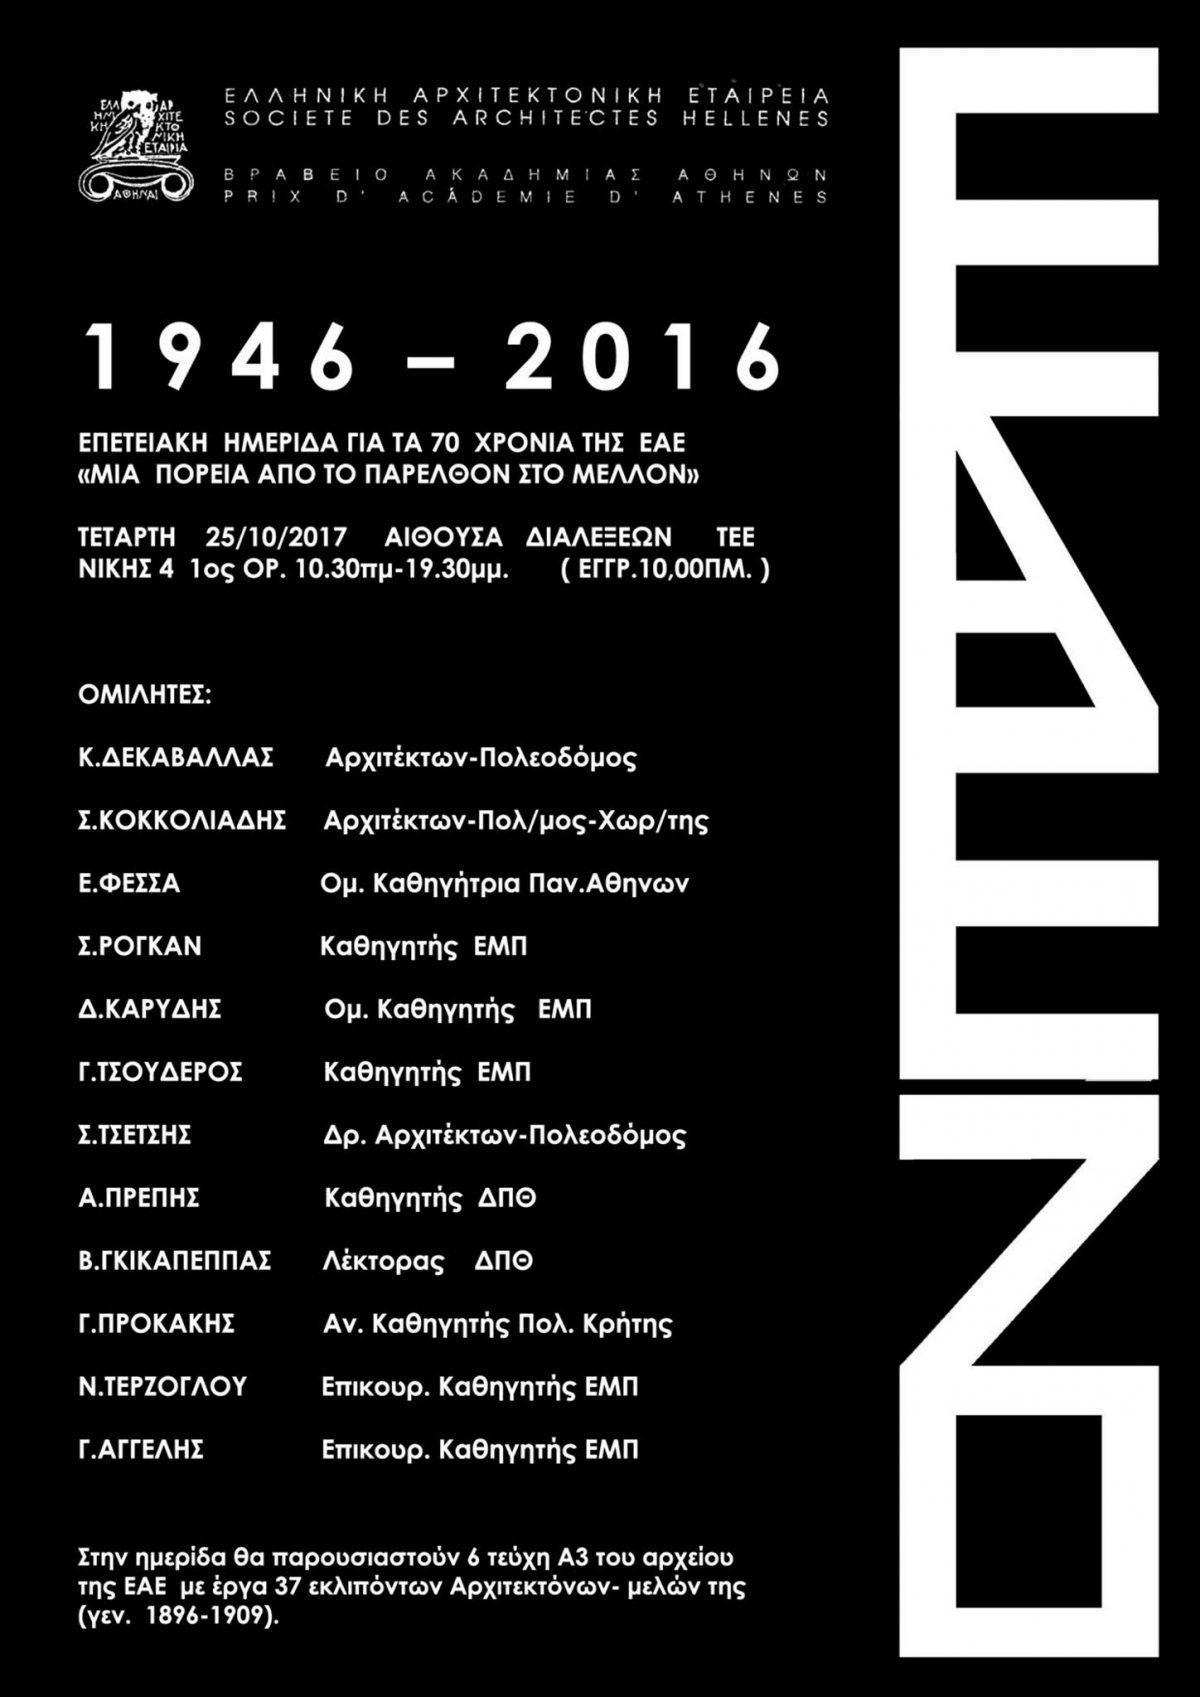 Επετειακή Ημερίδα για τα 70 χρόνια της Ελληνικής Αρχιτεκτονικής Εταιρείας (ΕΑΕ) (1946 – 2016) «Μια πορεία από το παρελθόν στο μέλλον»